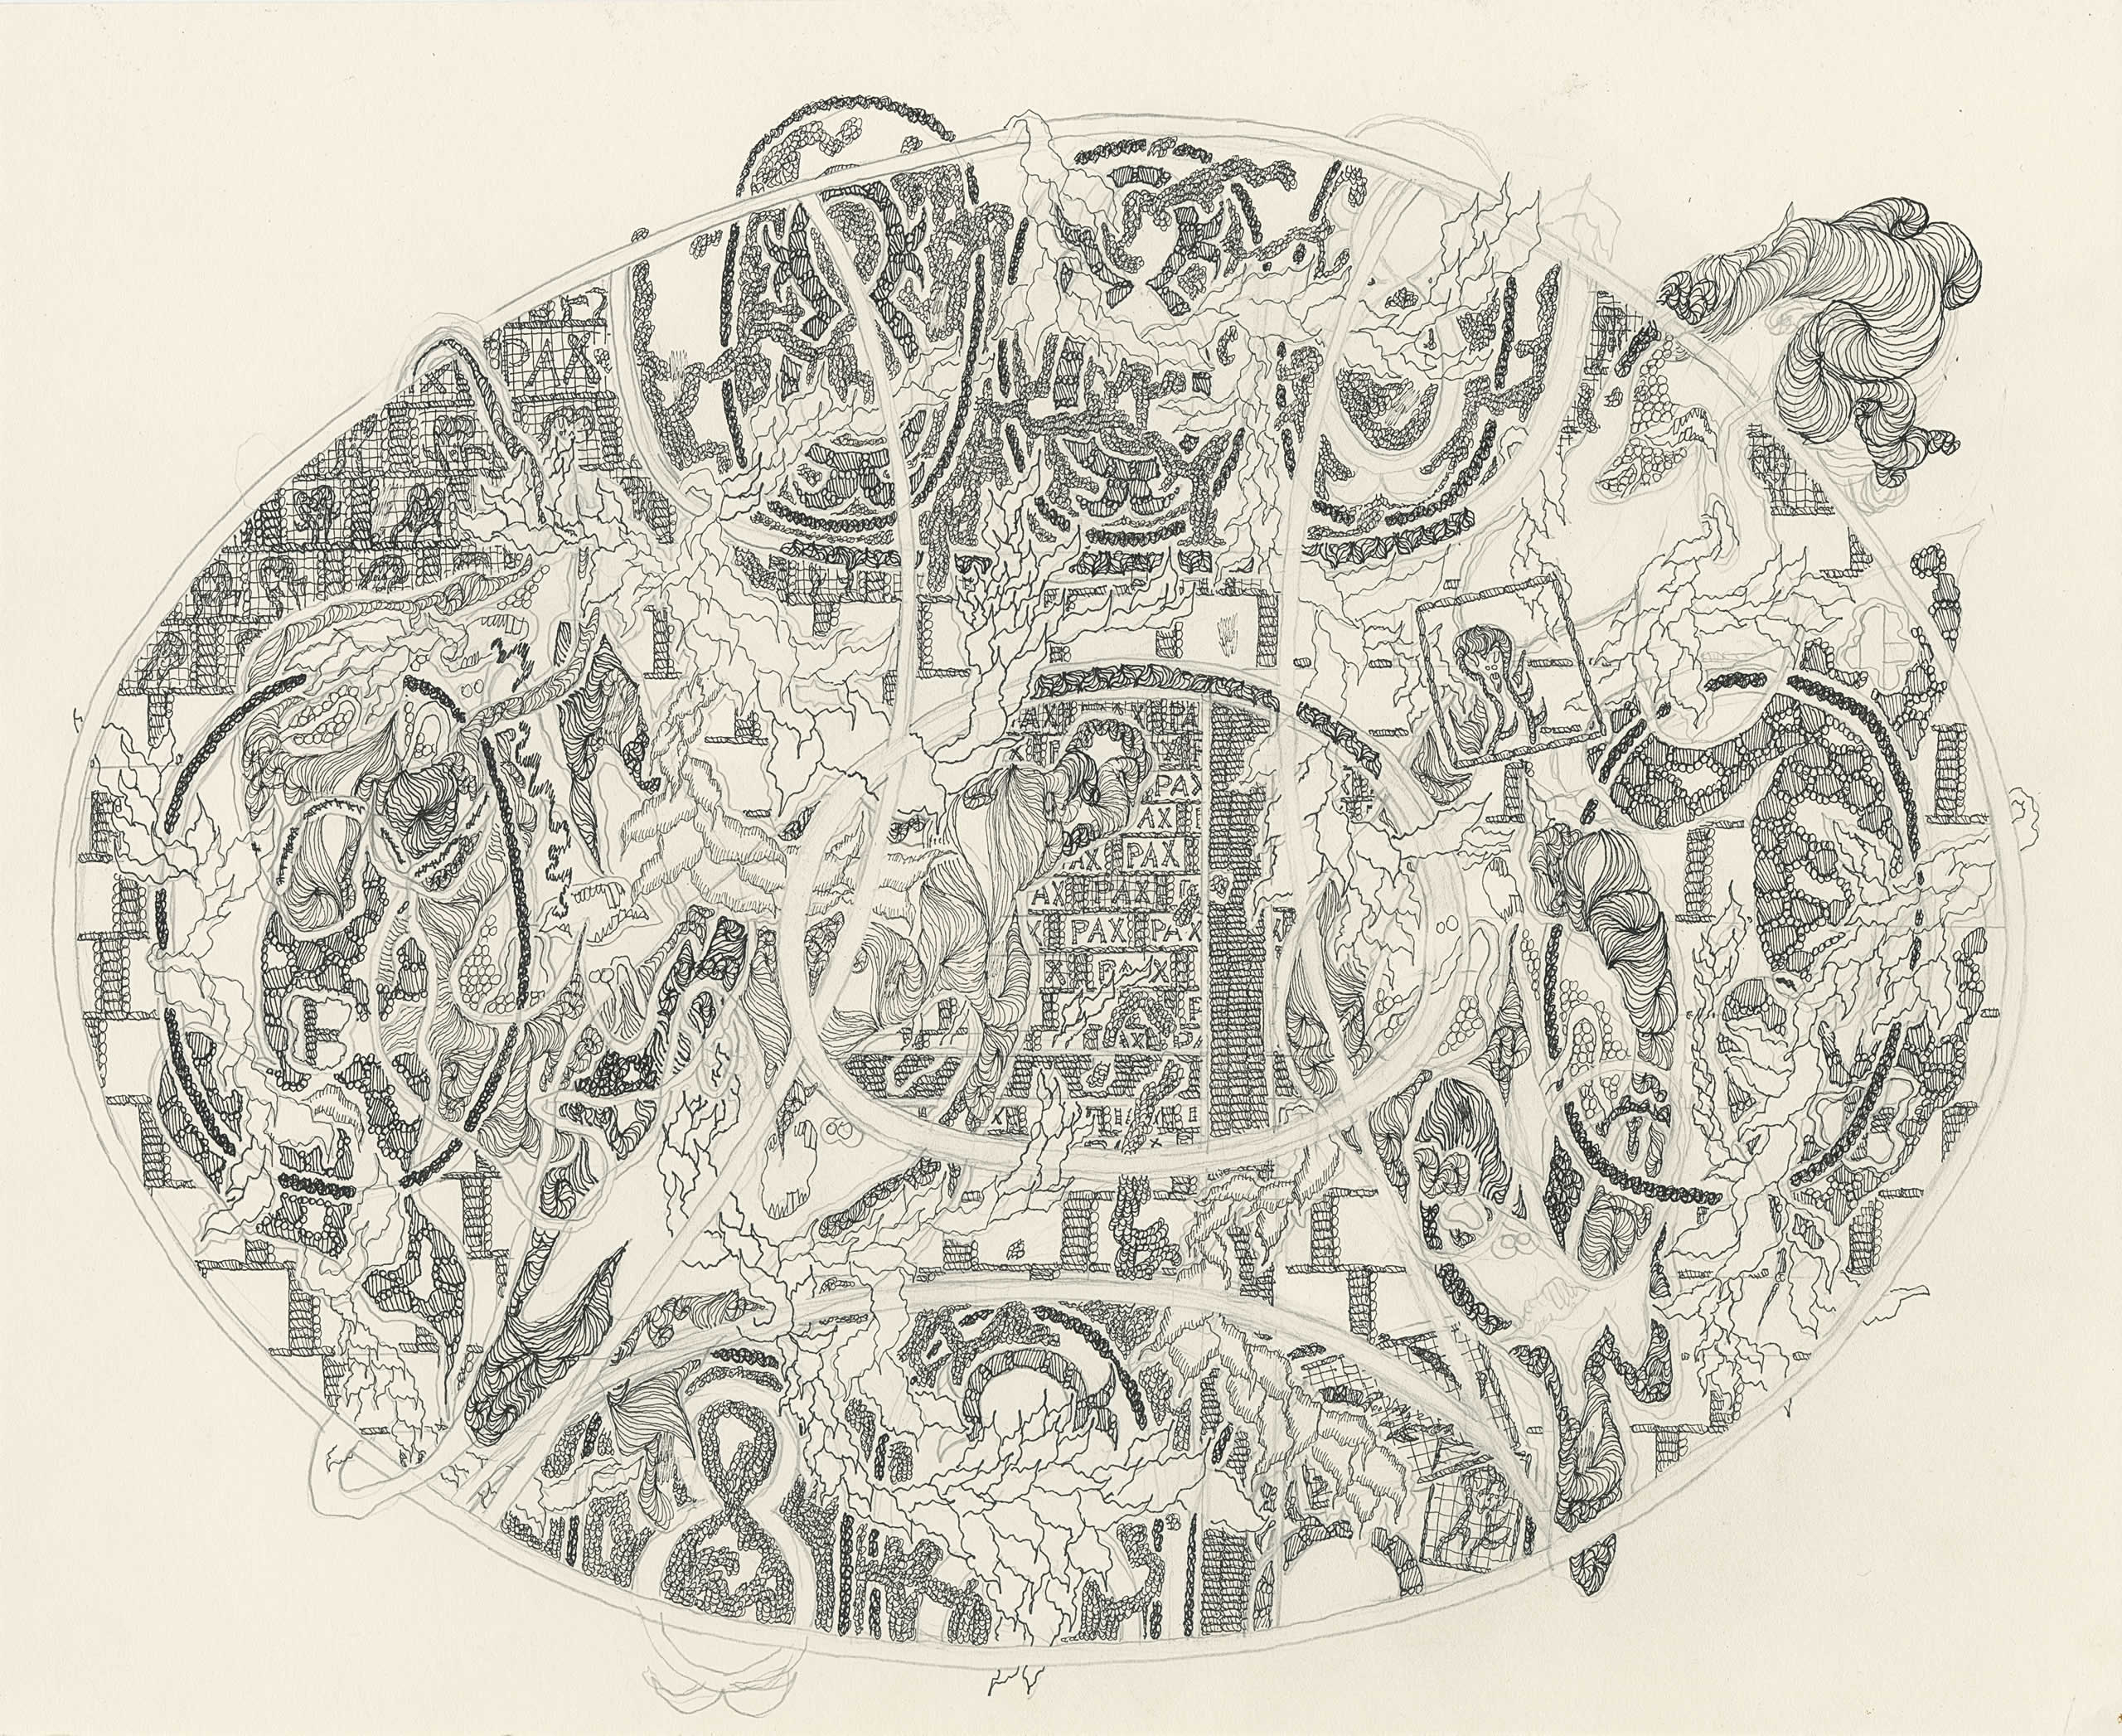 Michaela Polacek | Fabergé-Ei liegend pax nobiscum | 2019 | Tuschefüller, Fineliner und Bleistift auf Papier | 27x33cm | Galerie3